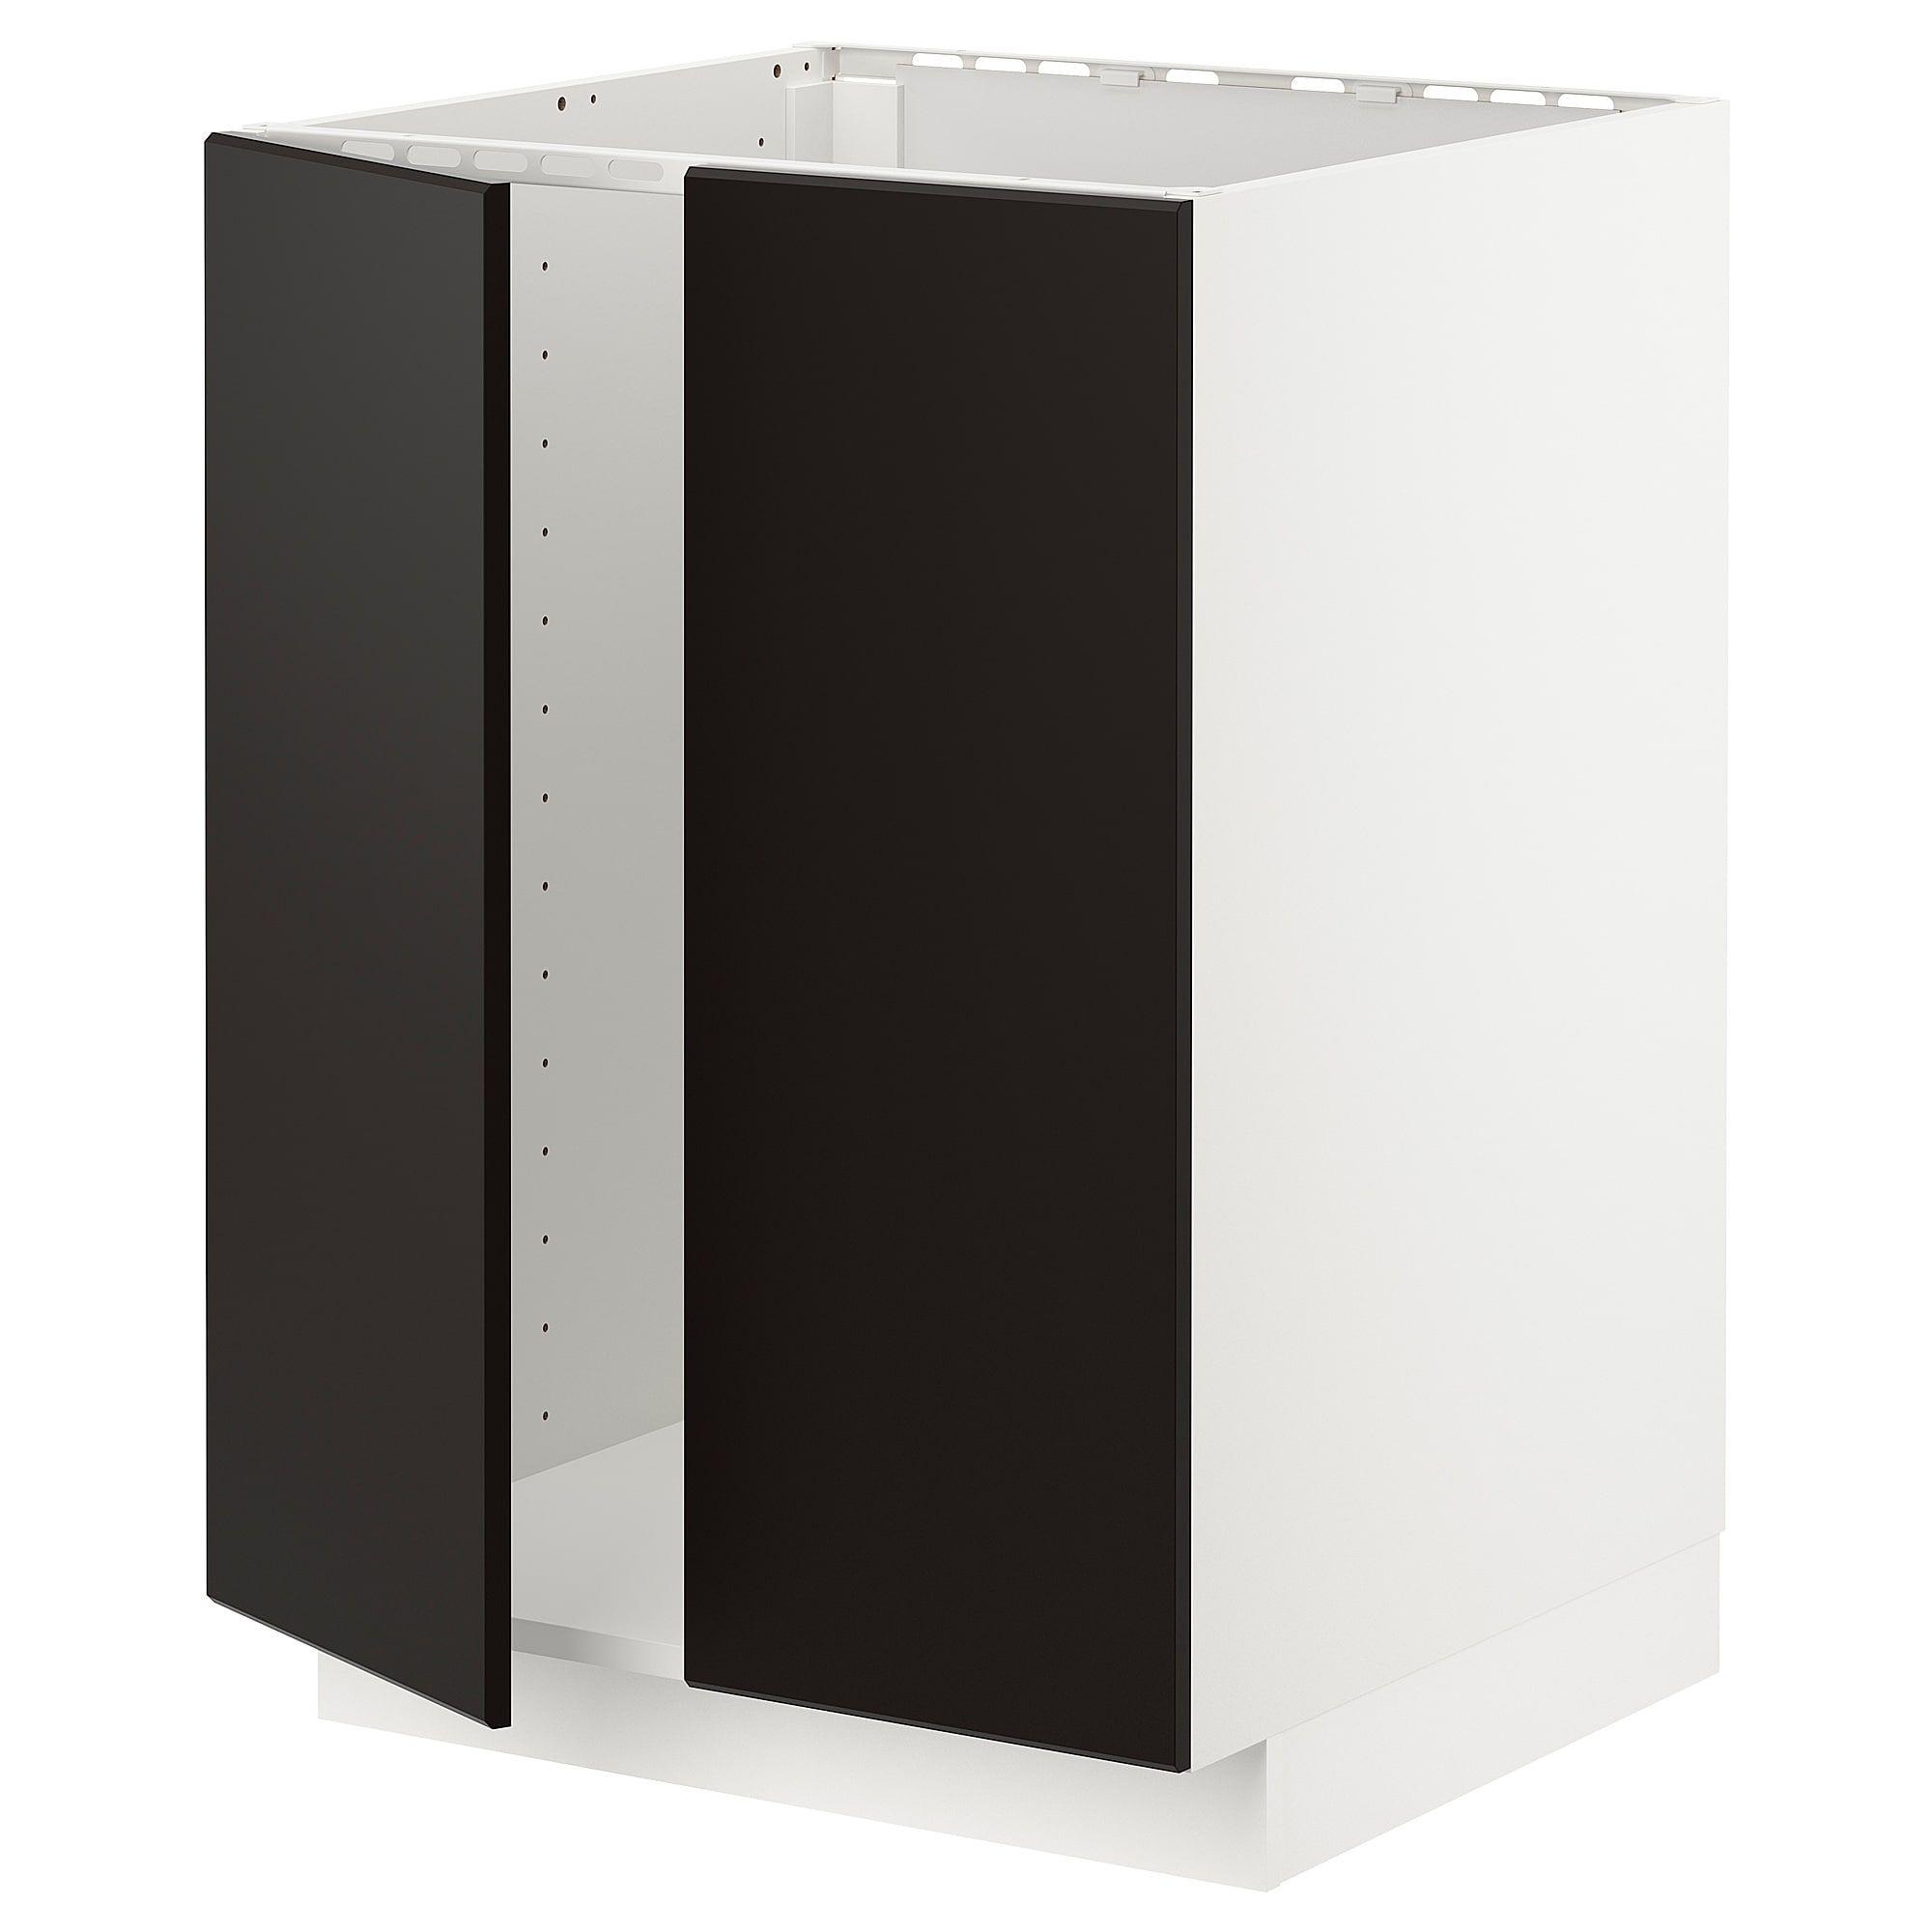 Full Size of Ikea Unterschrank Modulküche Küche Kosten Kaufen Bad Holz Sofa Mit Schlaffunktion Badezimmer Eckunterschrank Betten 160x200 Miniküche Bei Wohnzimmer Ikea Unterschrank